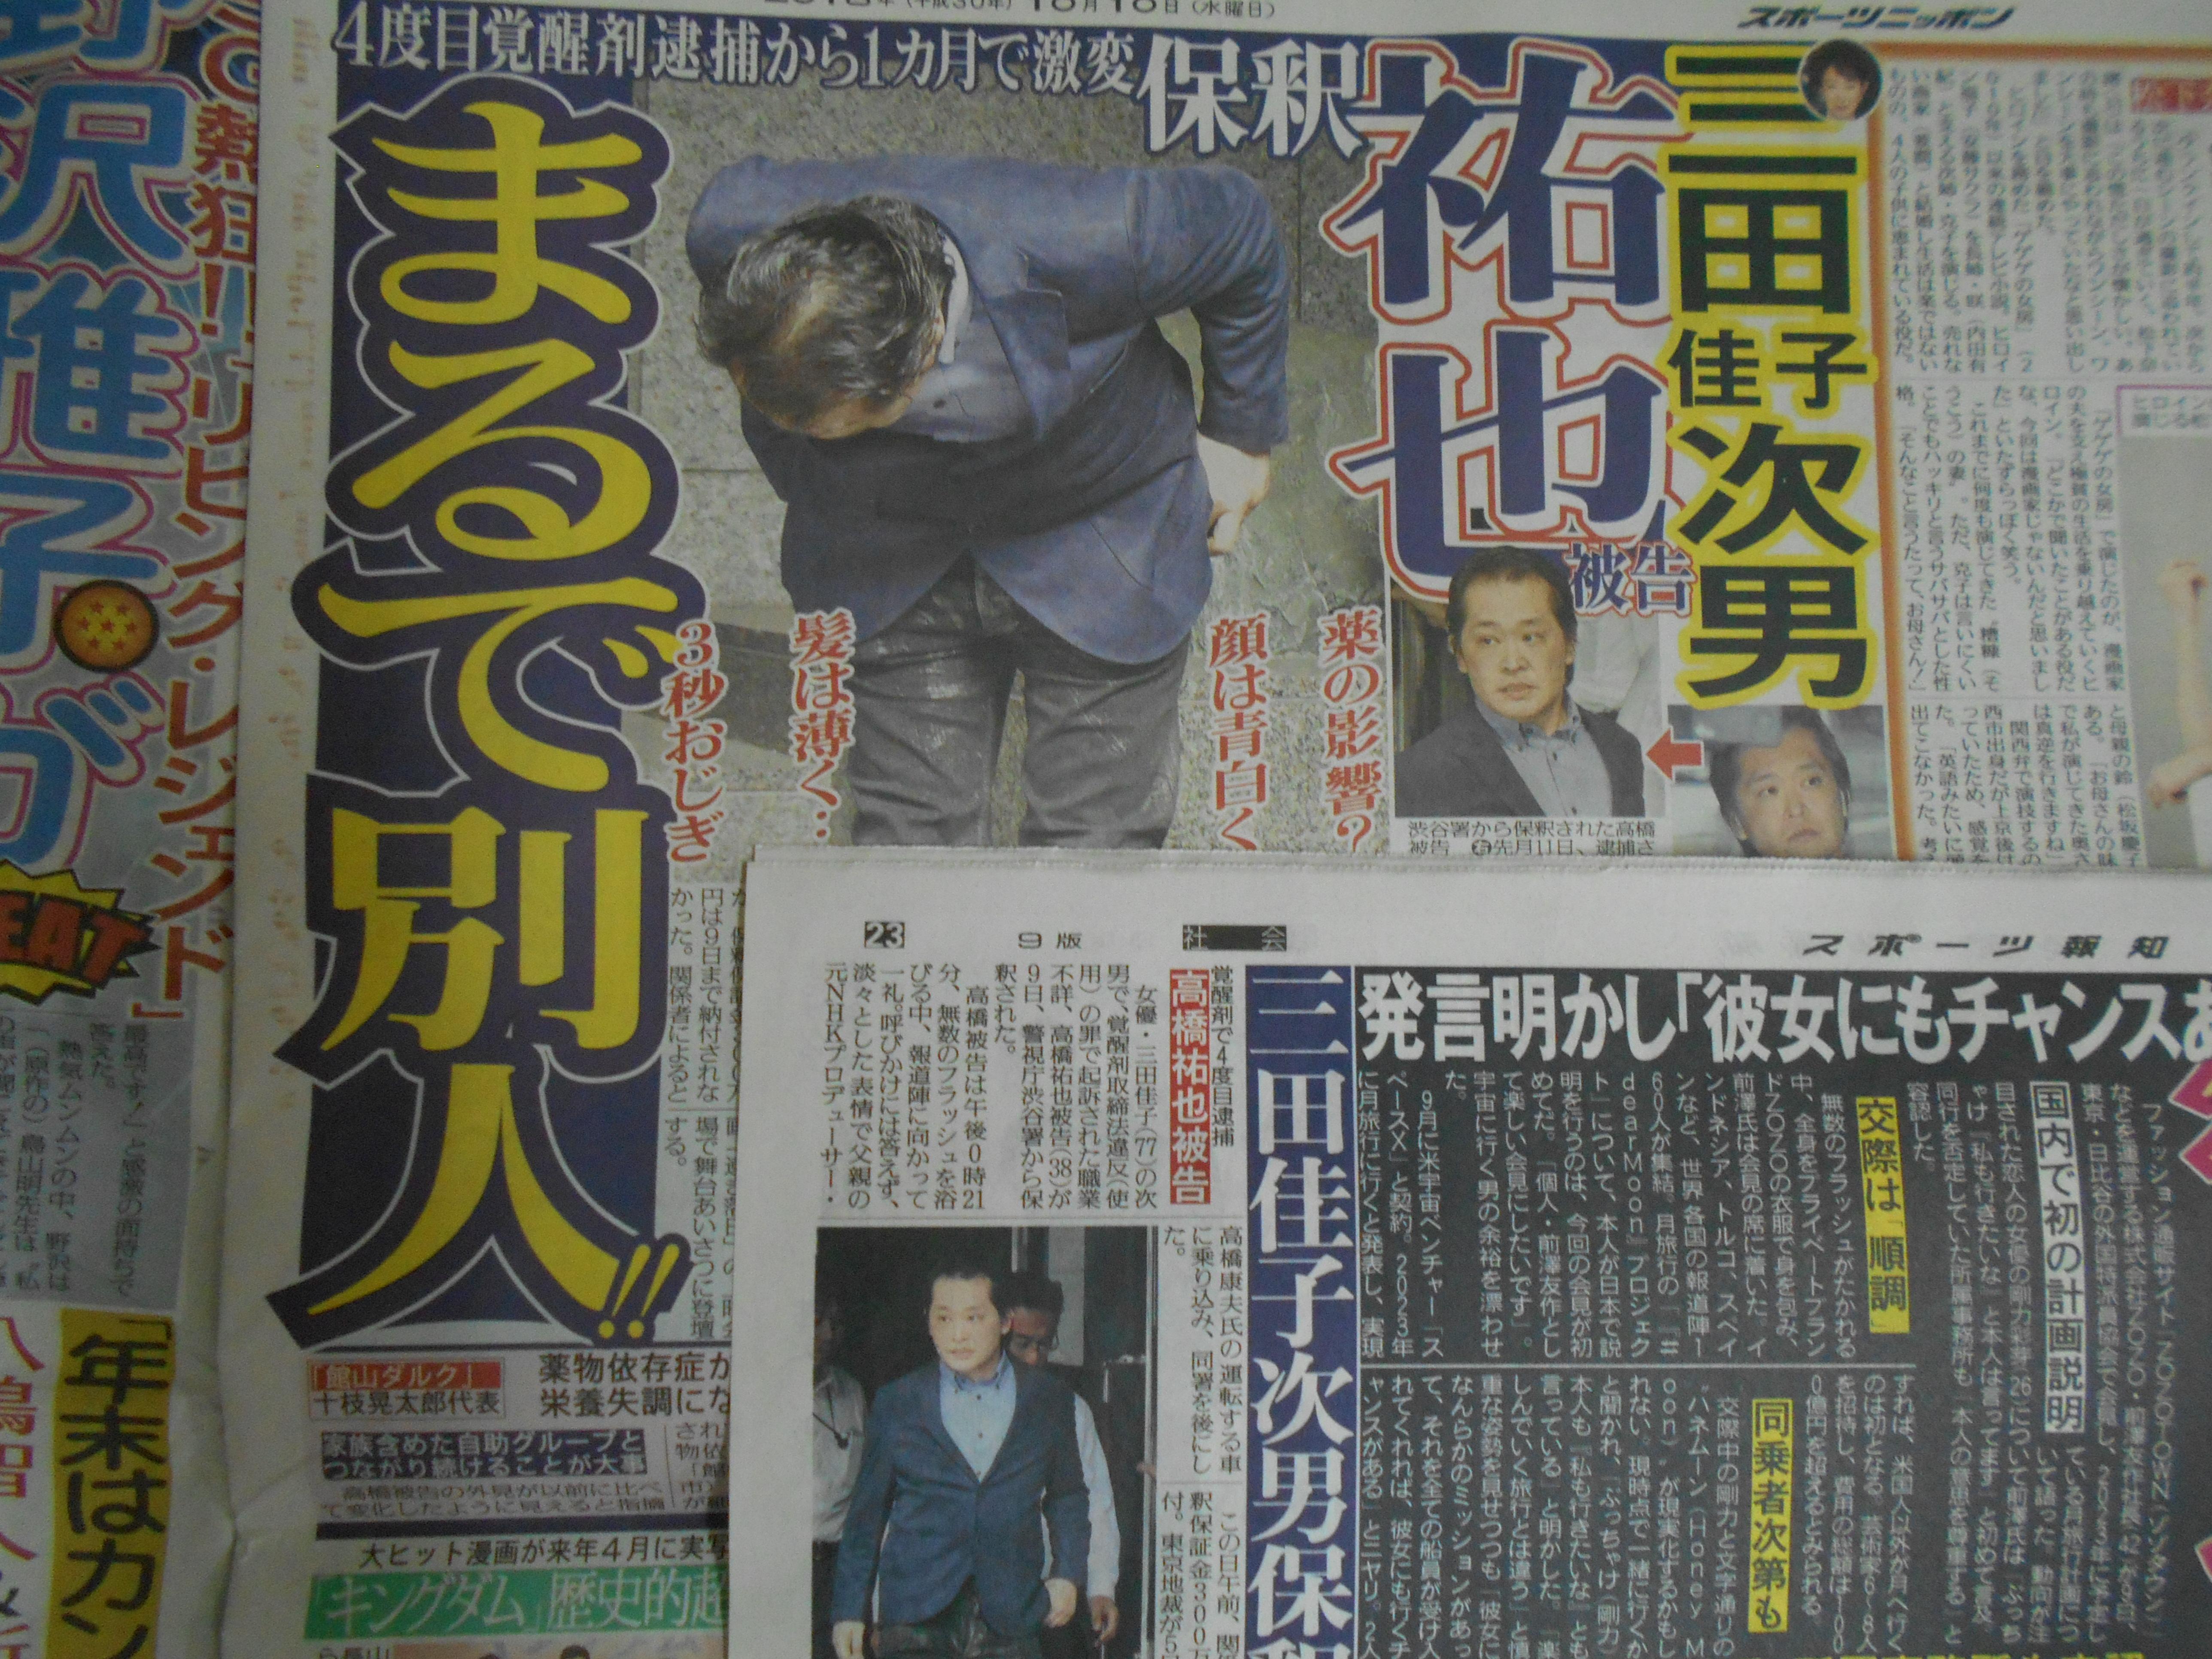 三田佳子さんの次男、高橋祐也君「保釈」騒動の最中に本人から掛かってきた電話